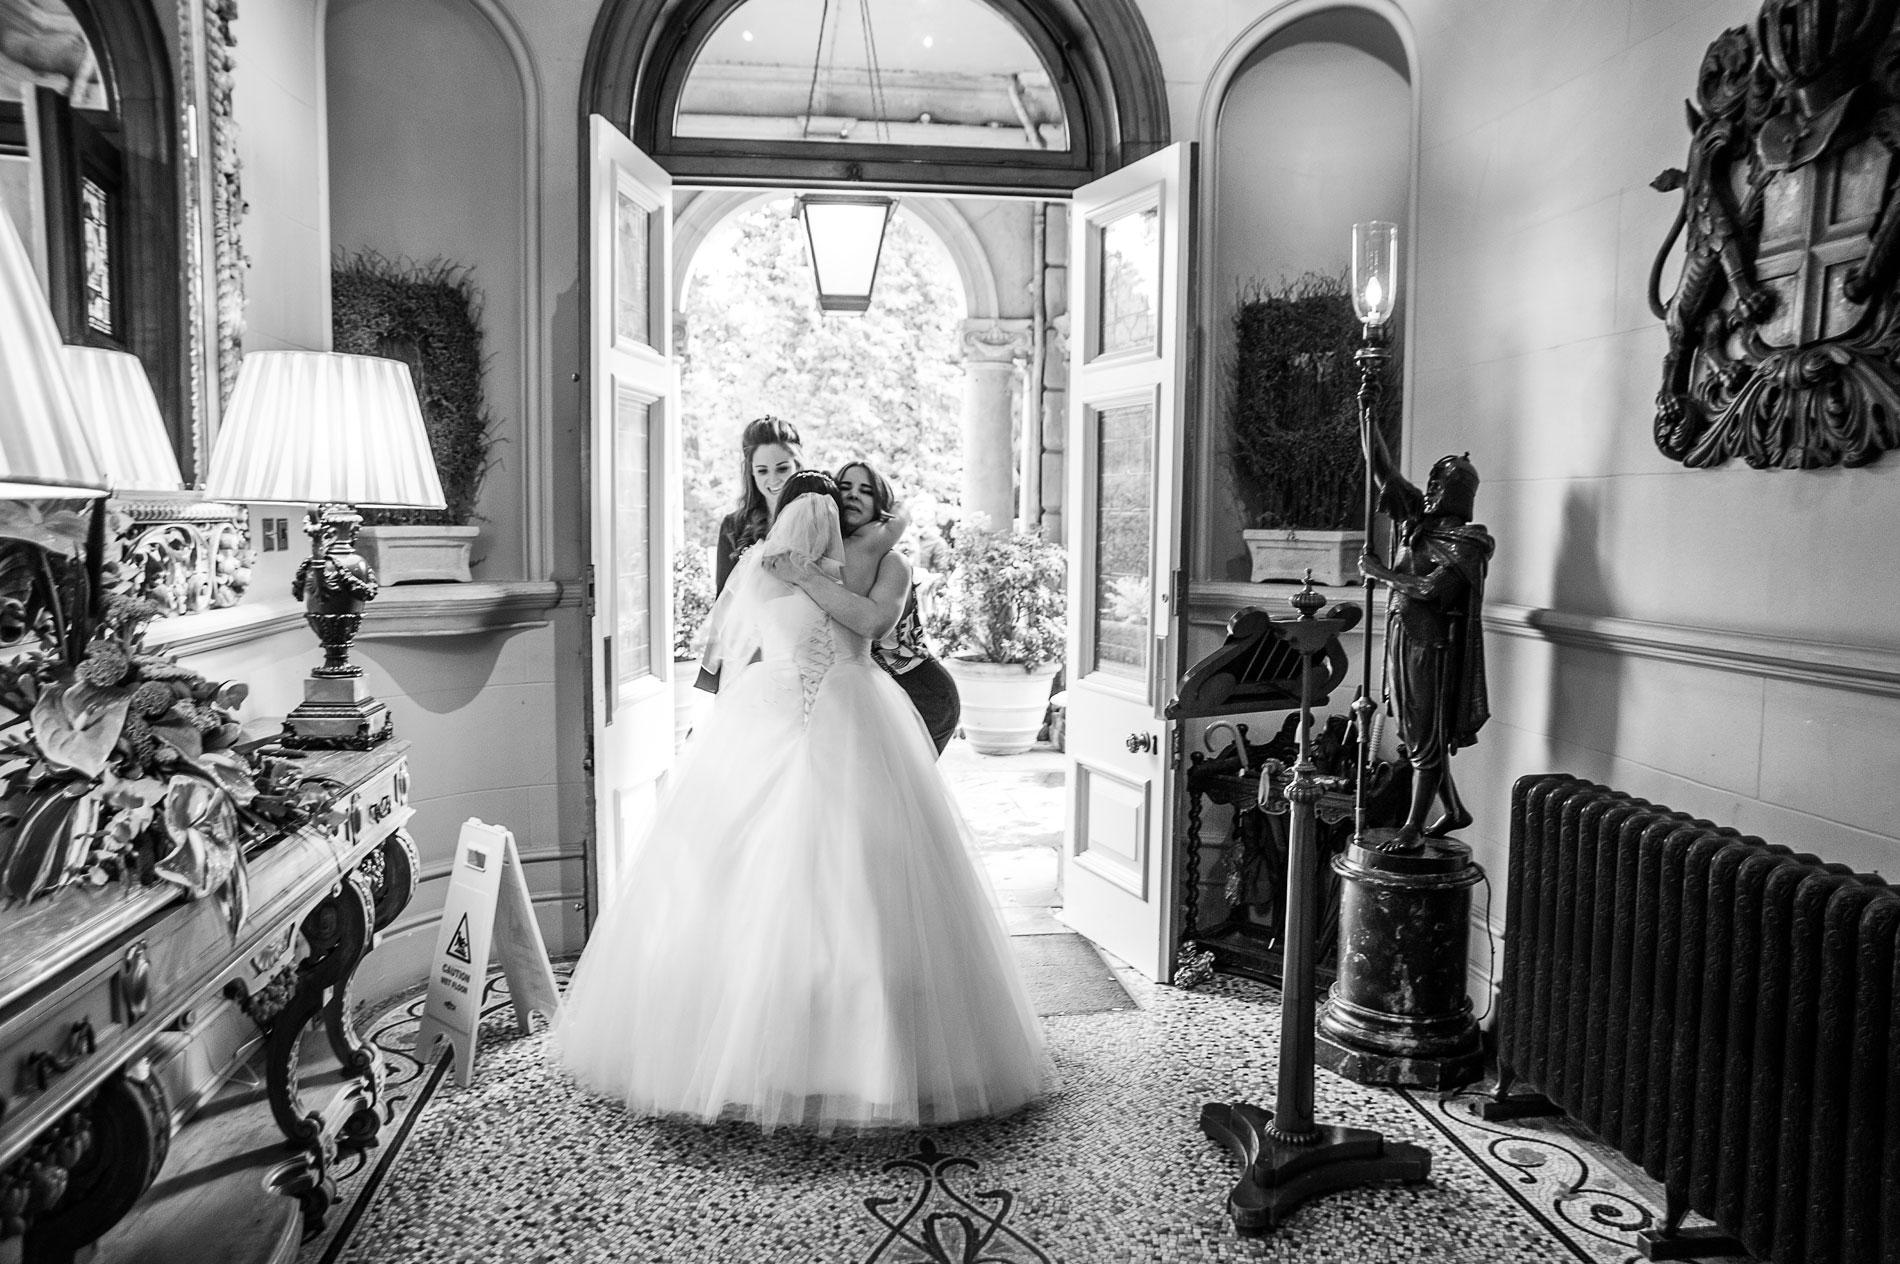 Kilworth-weddings-_75.jpg